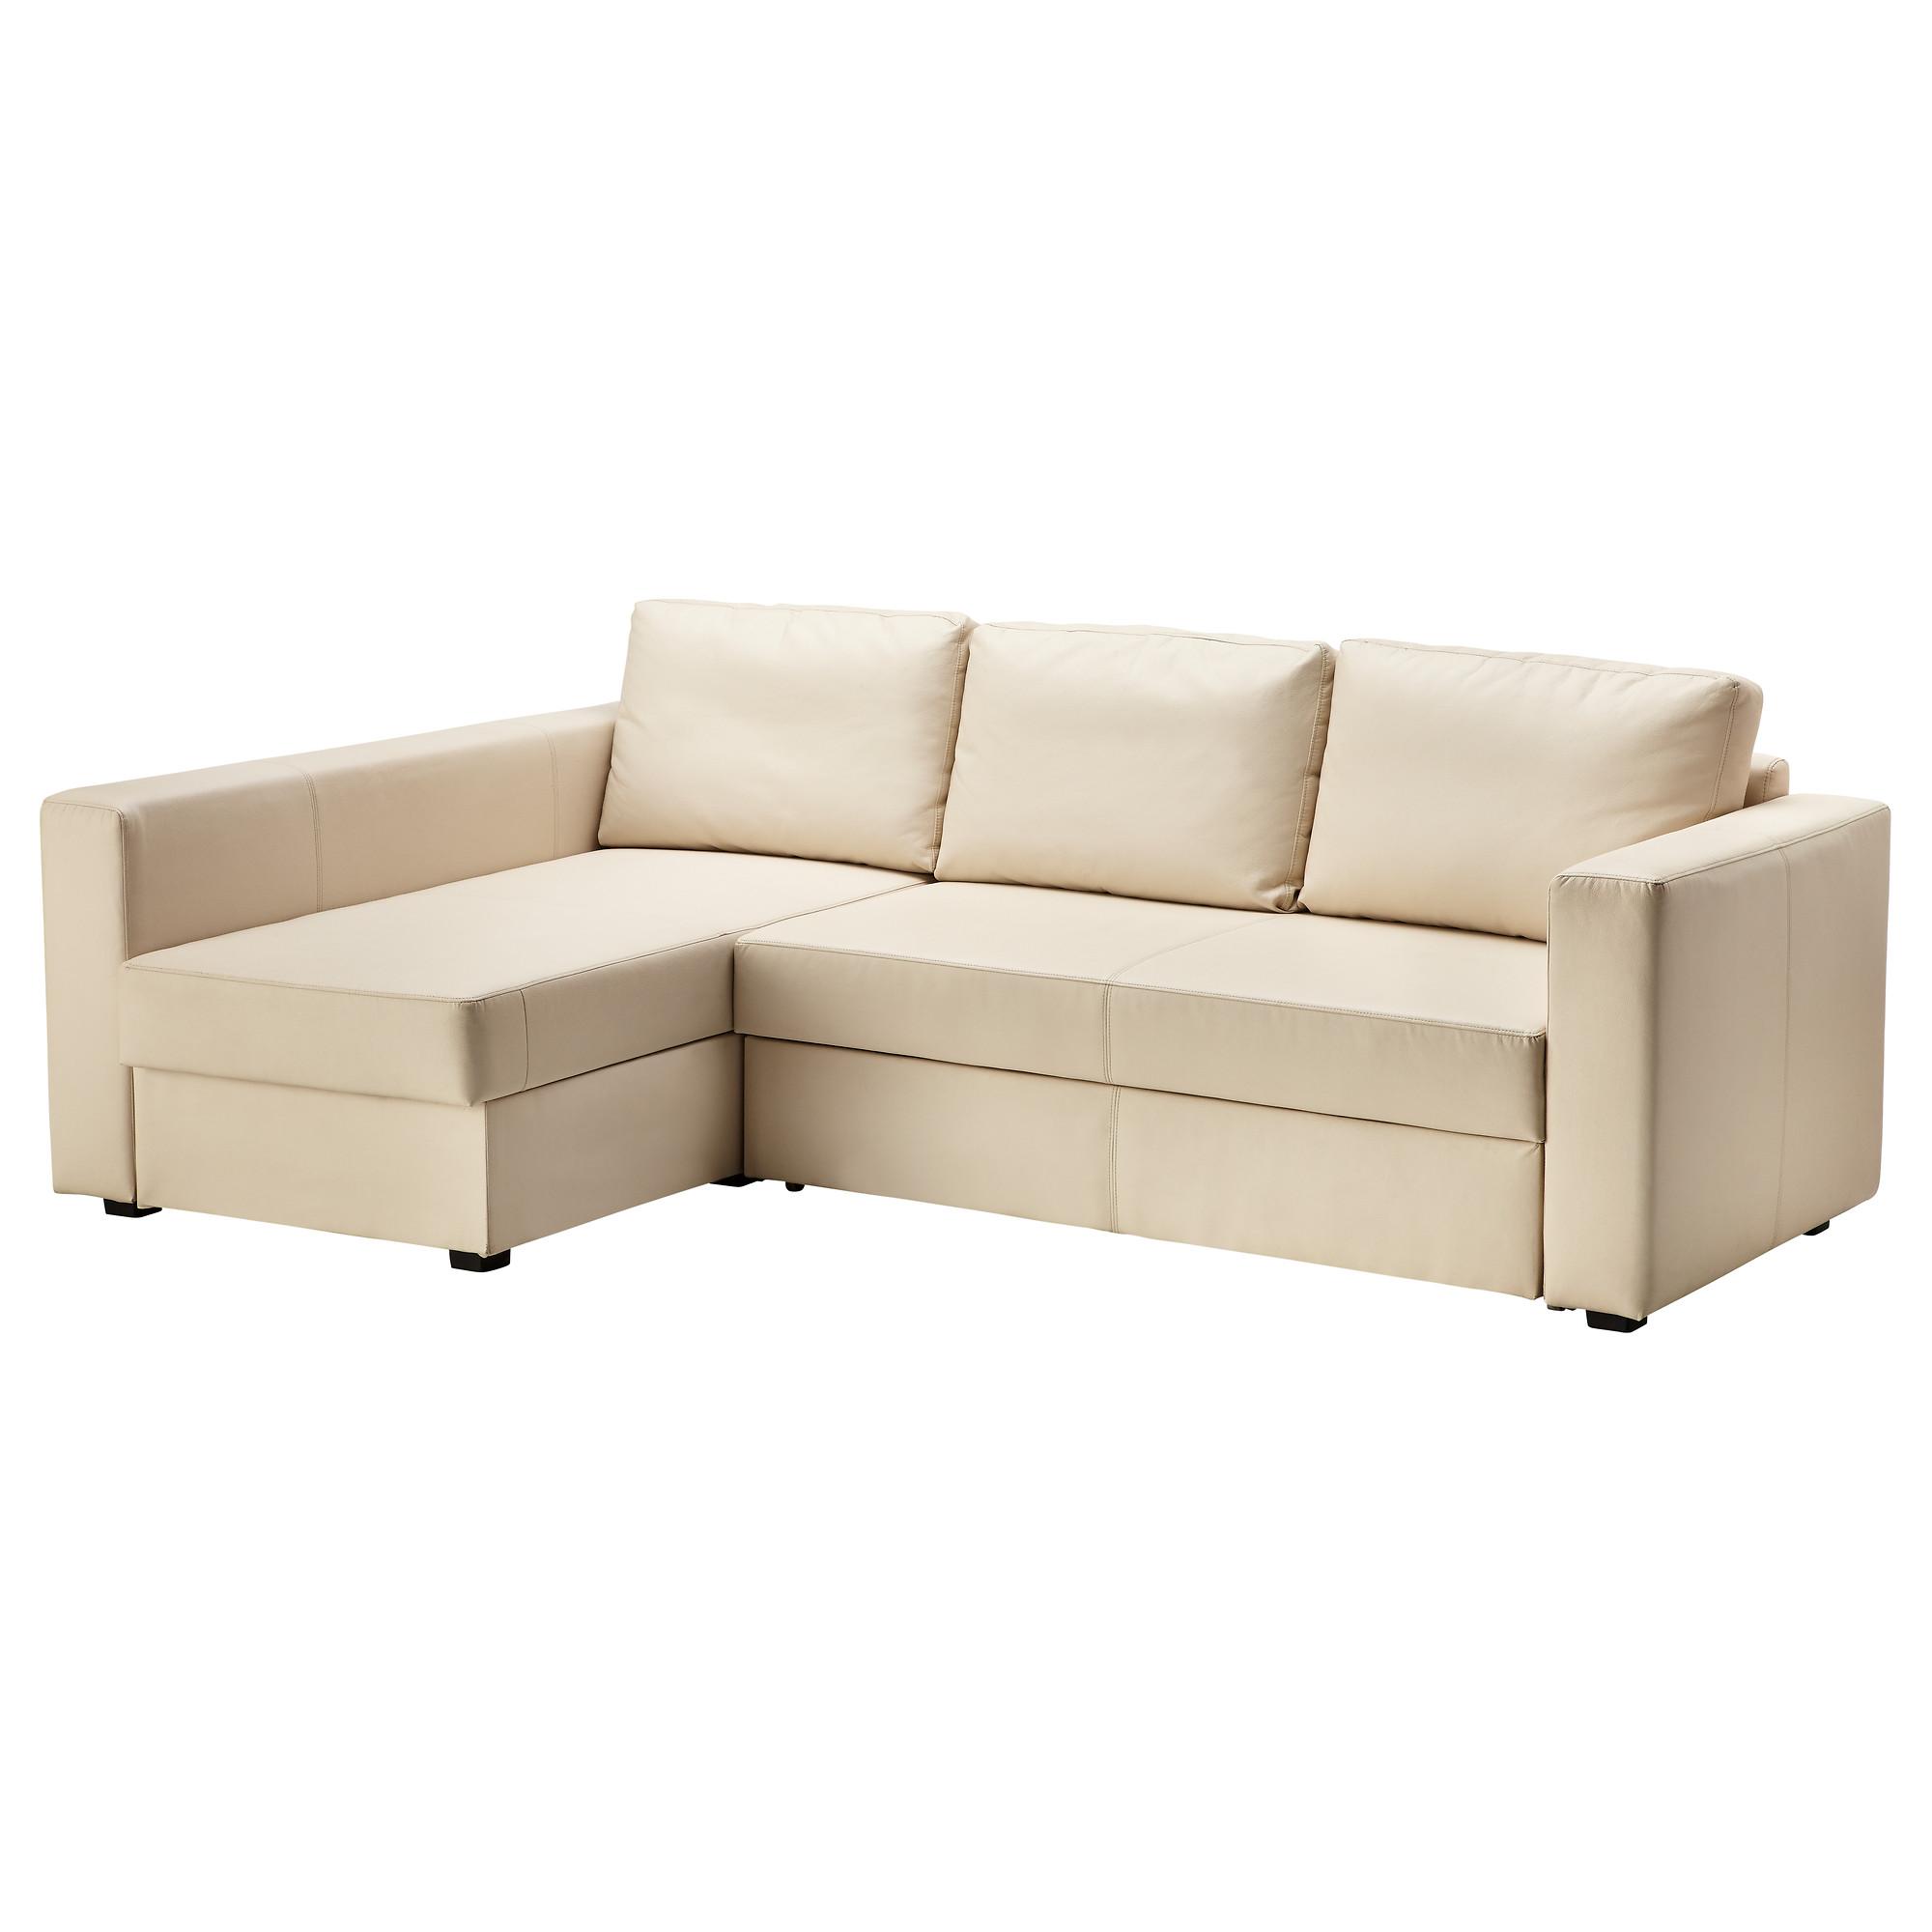 Угловой диван-кровать с отделением для хранения МОНСТАД бежевый артикуль №  502.643.00 в 9528b748597